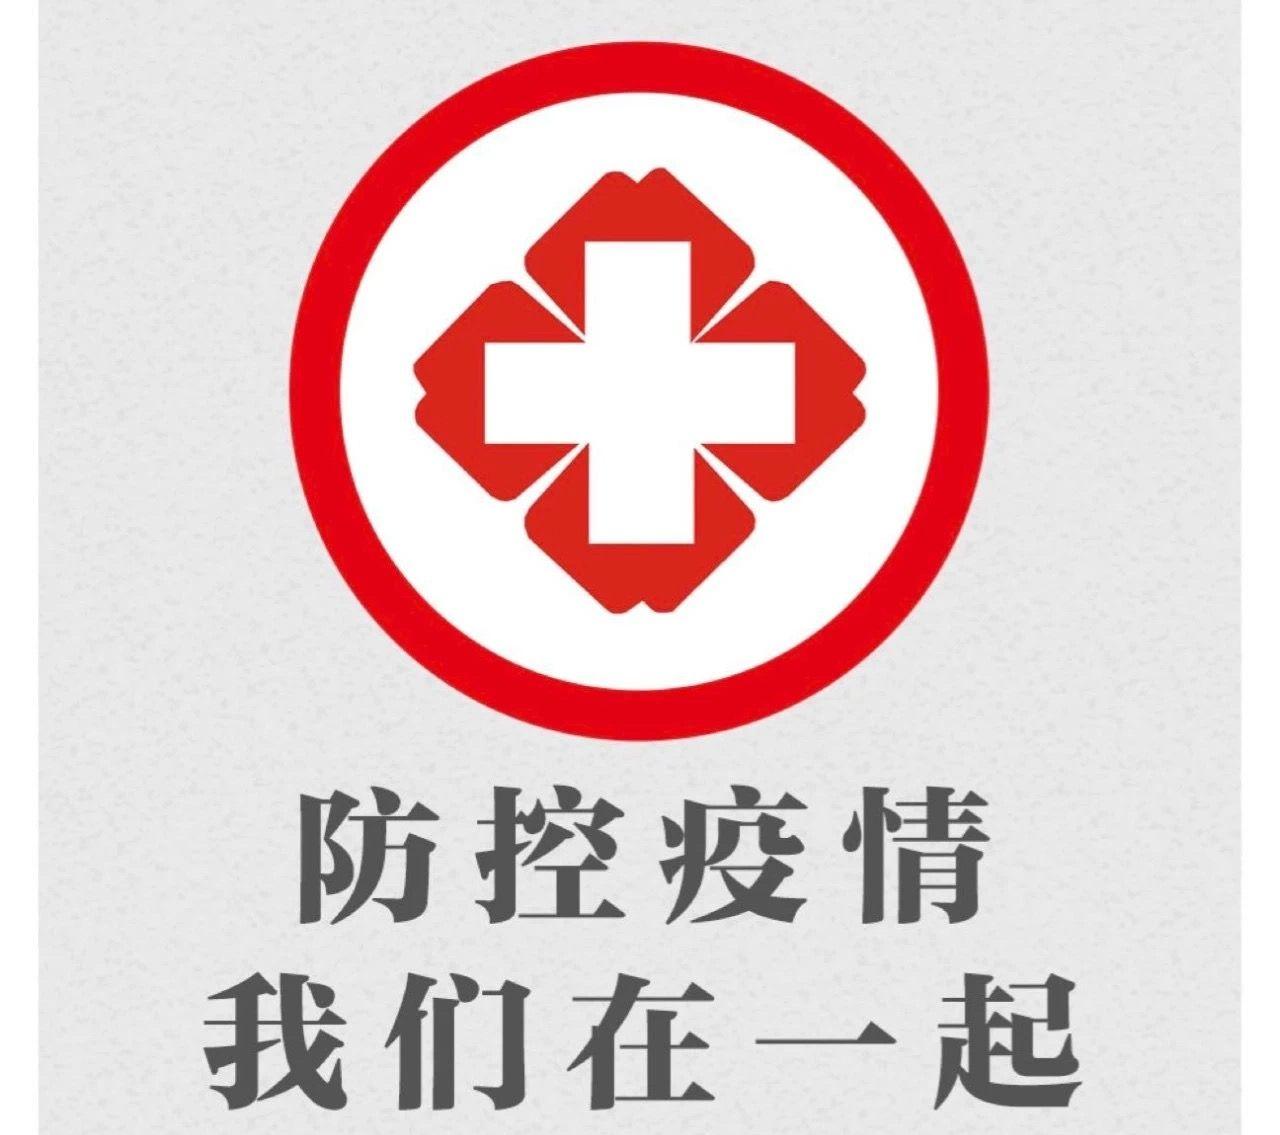 中山市二院空出兩層隔離病房,部分發熱肺炎患者已轉至該院